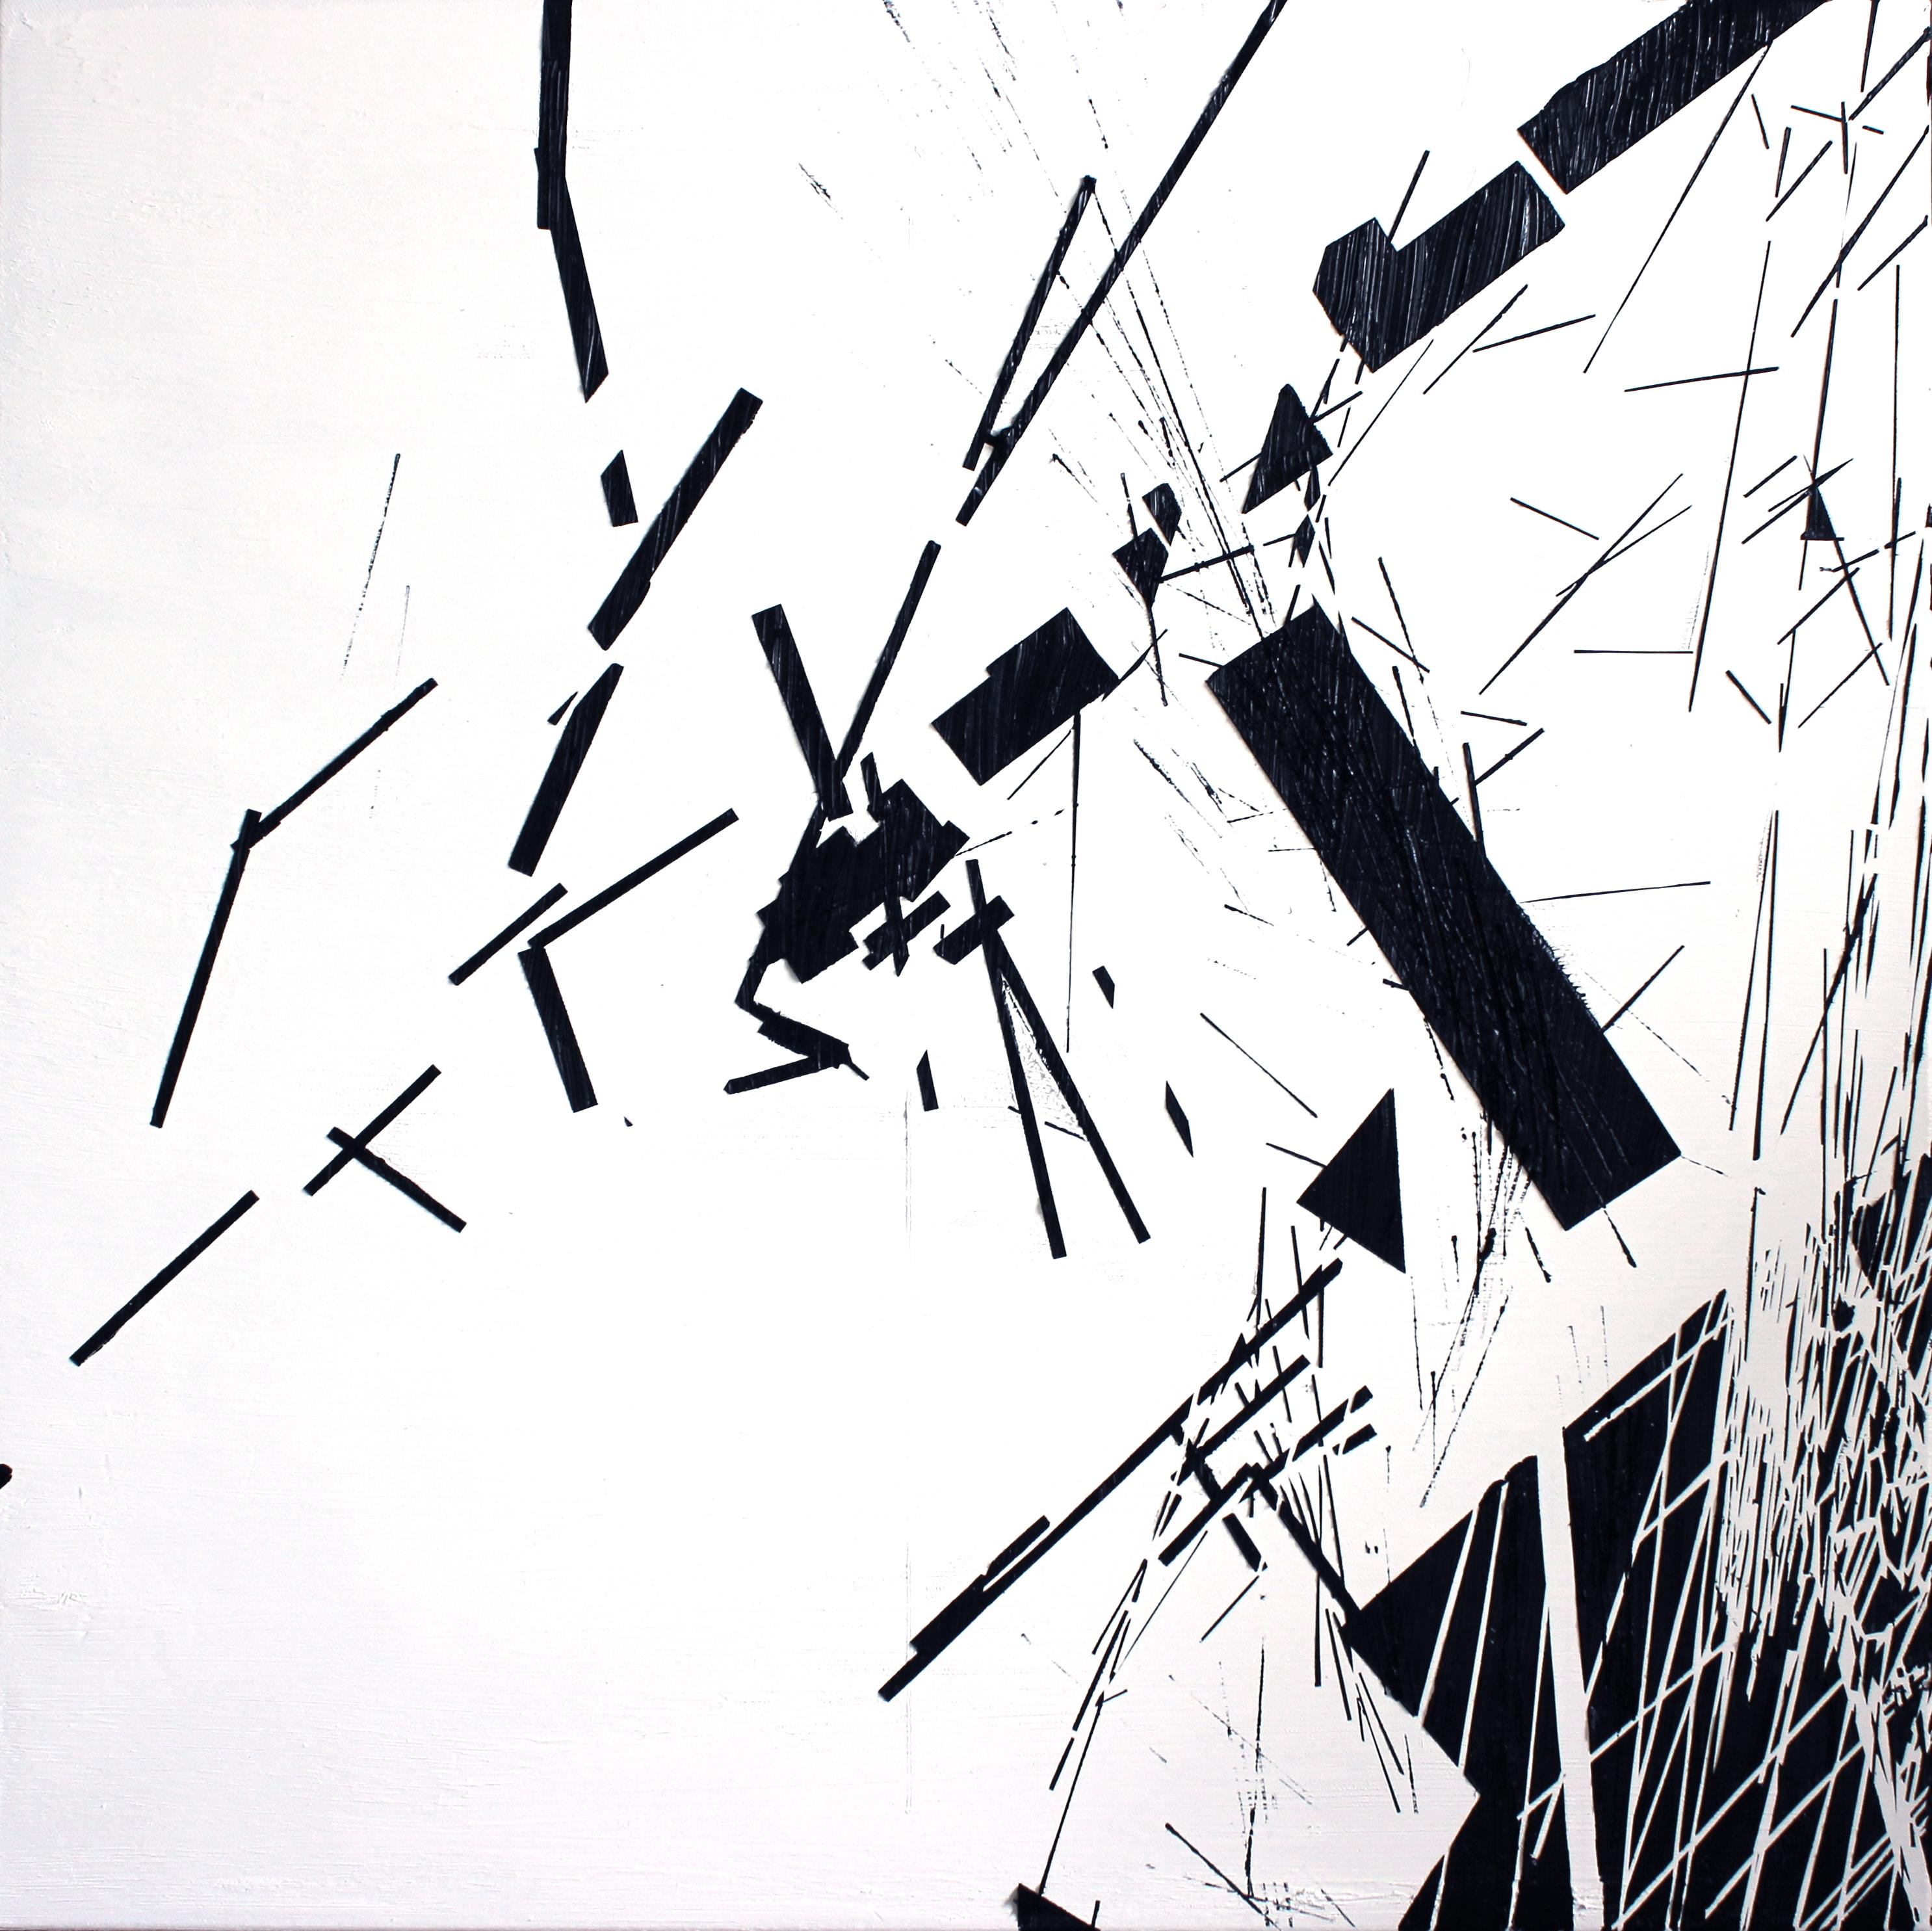 Stefan Reiss, O.T. 537 (2014),